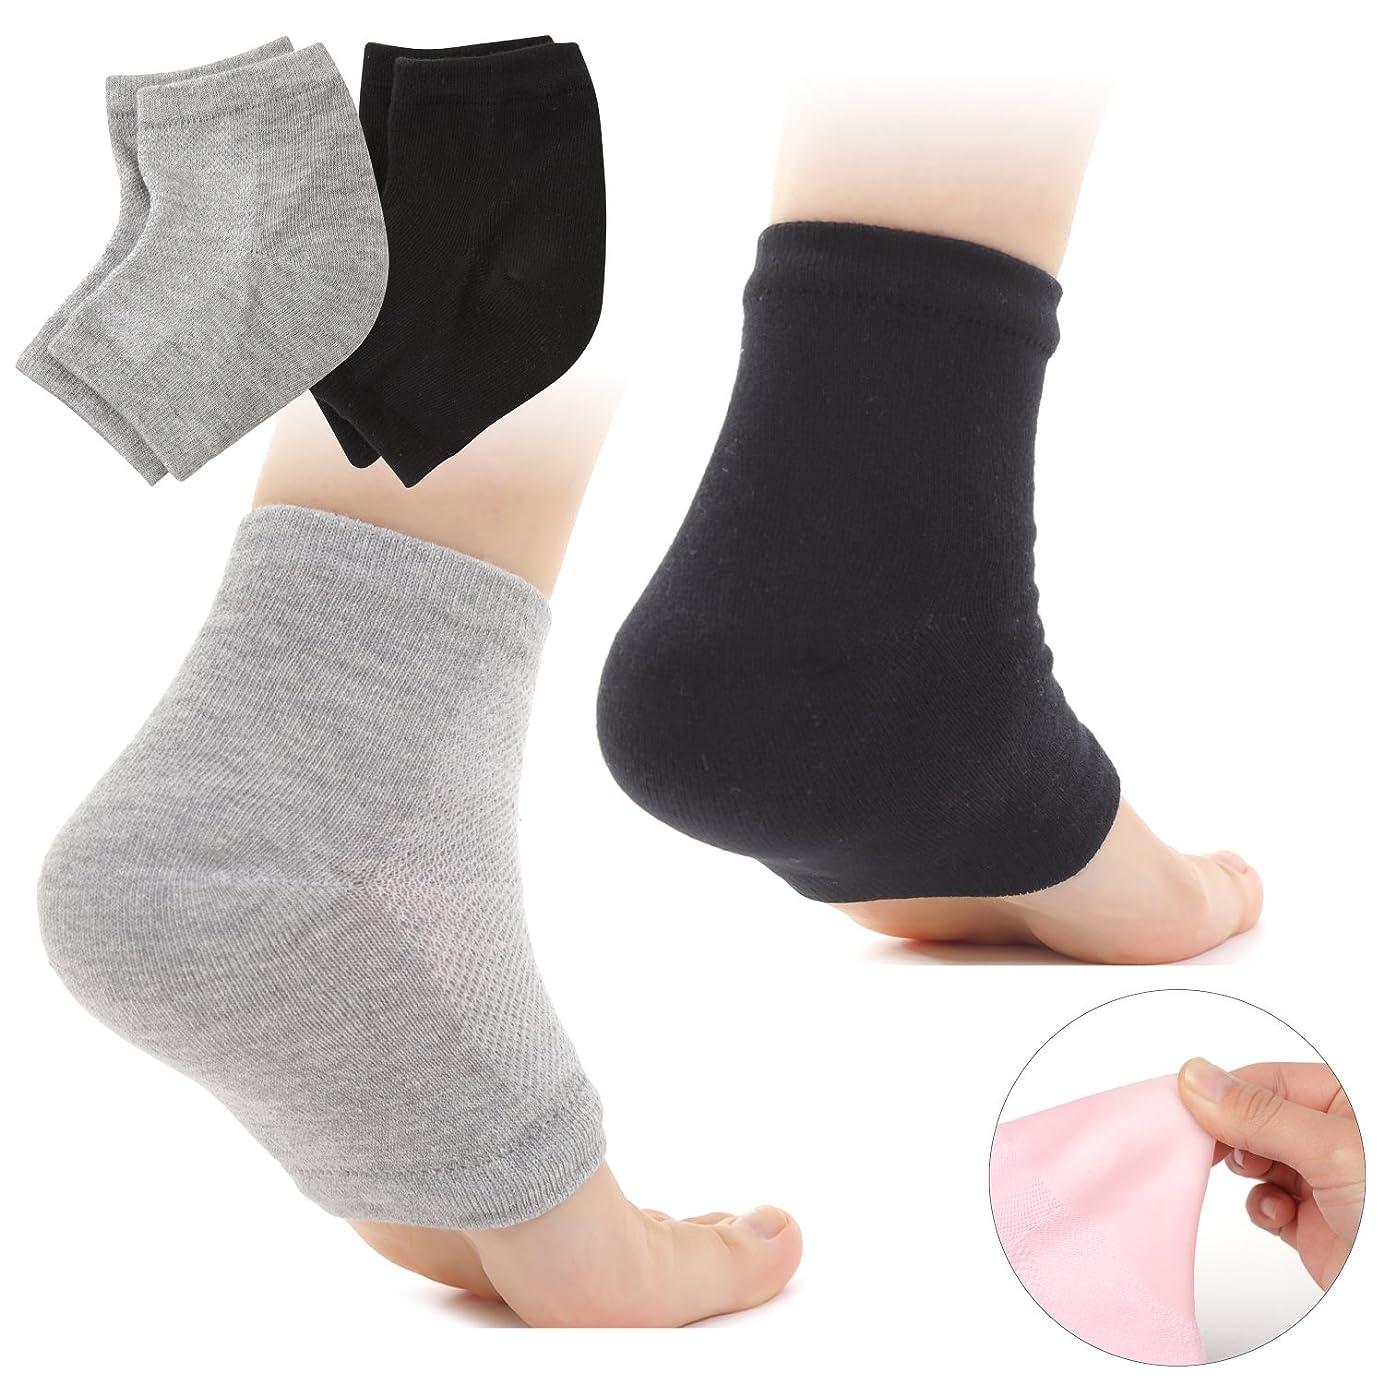 歯痛割り当て宿泊Muiles かかと 靴下 ソックス 角質取り 保湿 ひび割れ かかとケア レディース メンズ 男女兼用【1足~3足】(2足セット グレー、ブラック)